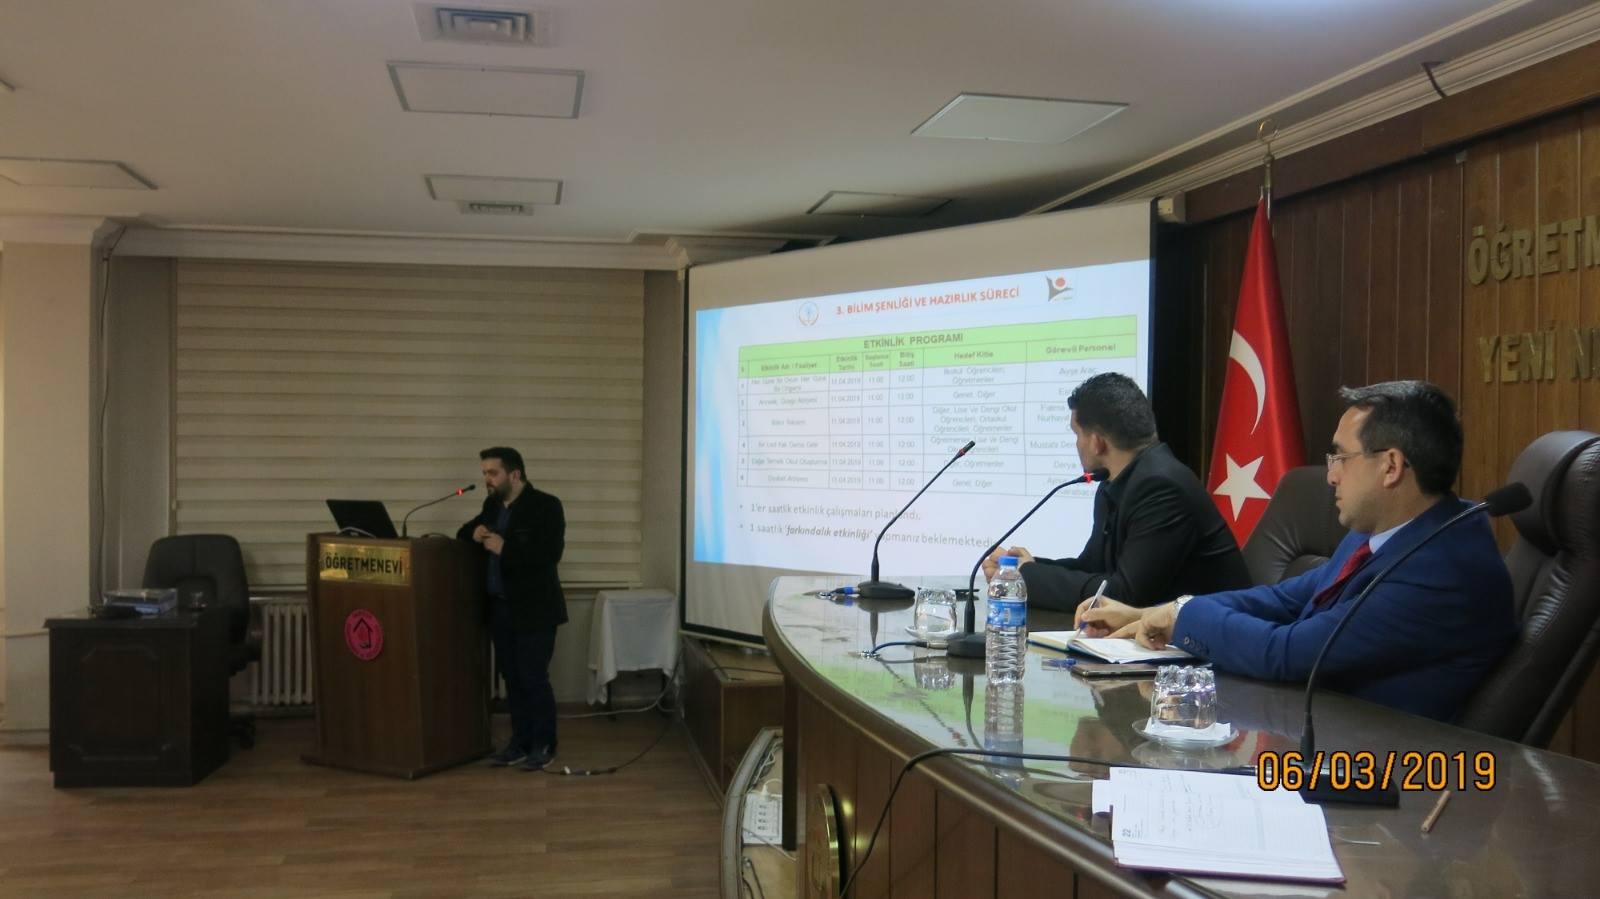 TÜBİTAK 4007 Bilim Şenliği Atölye Liderleri Koordinasyon Toplantısı Gerçekleştirildi